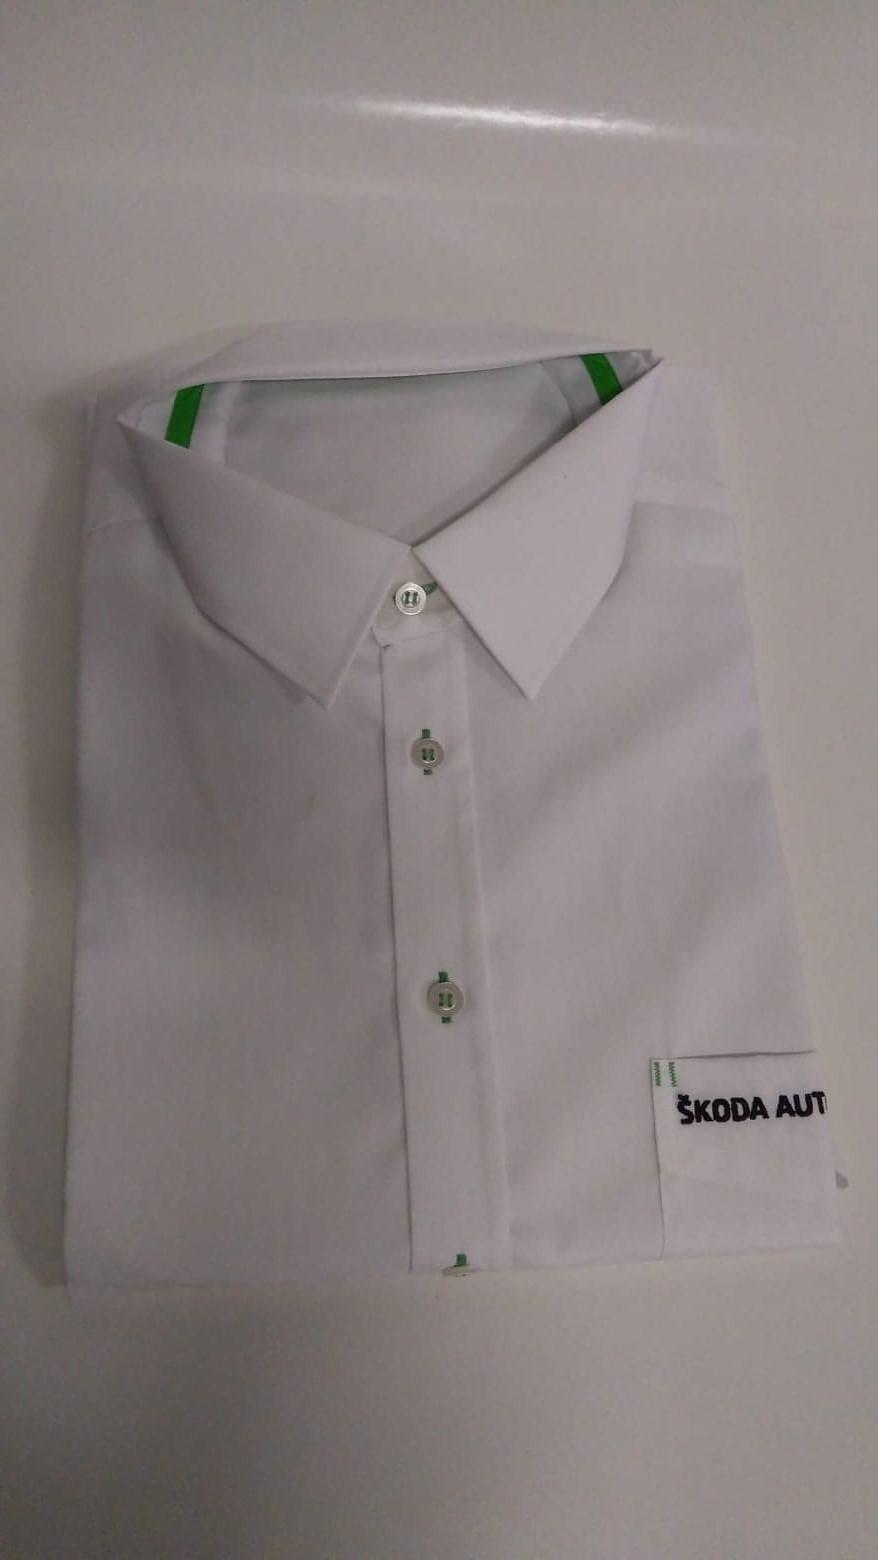 Škoda Motorsport - košile s krátkým rukávem (46)